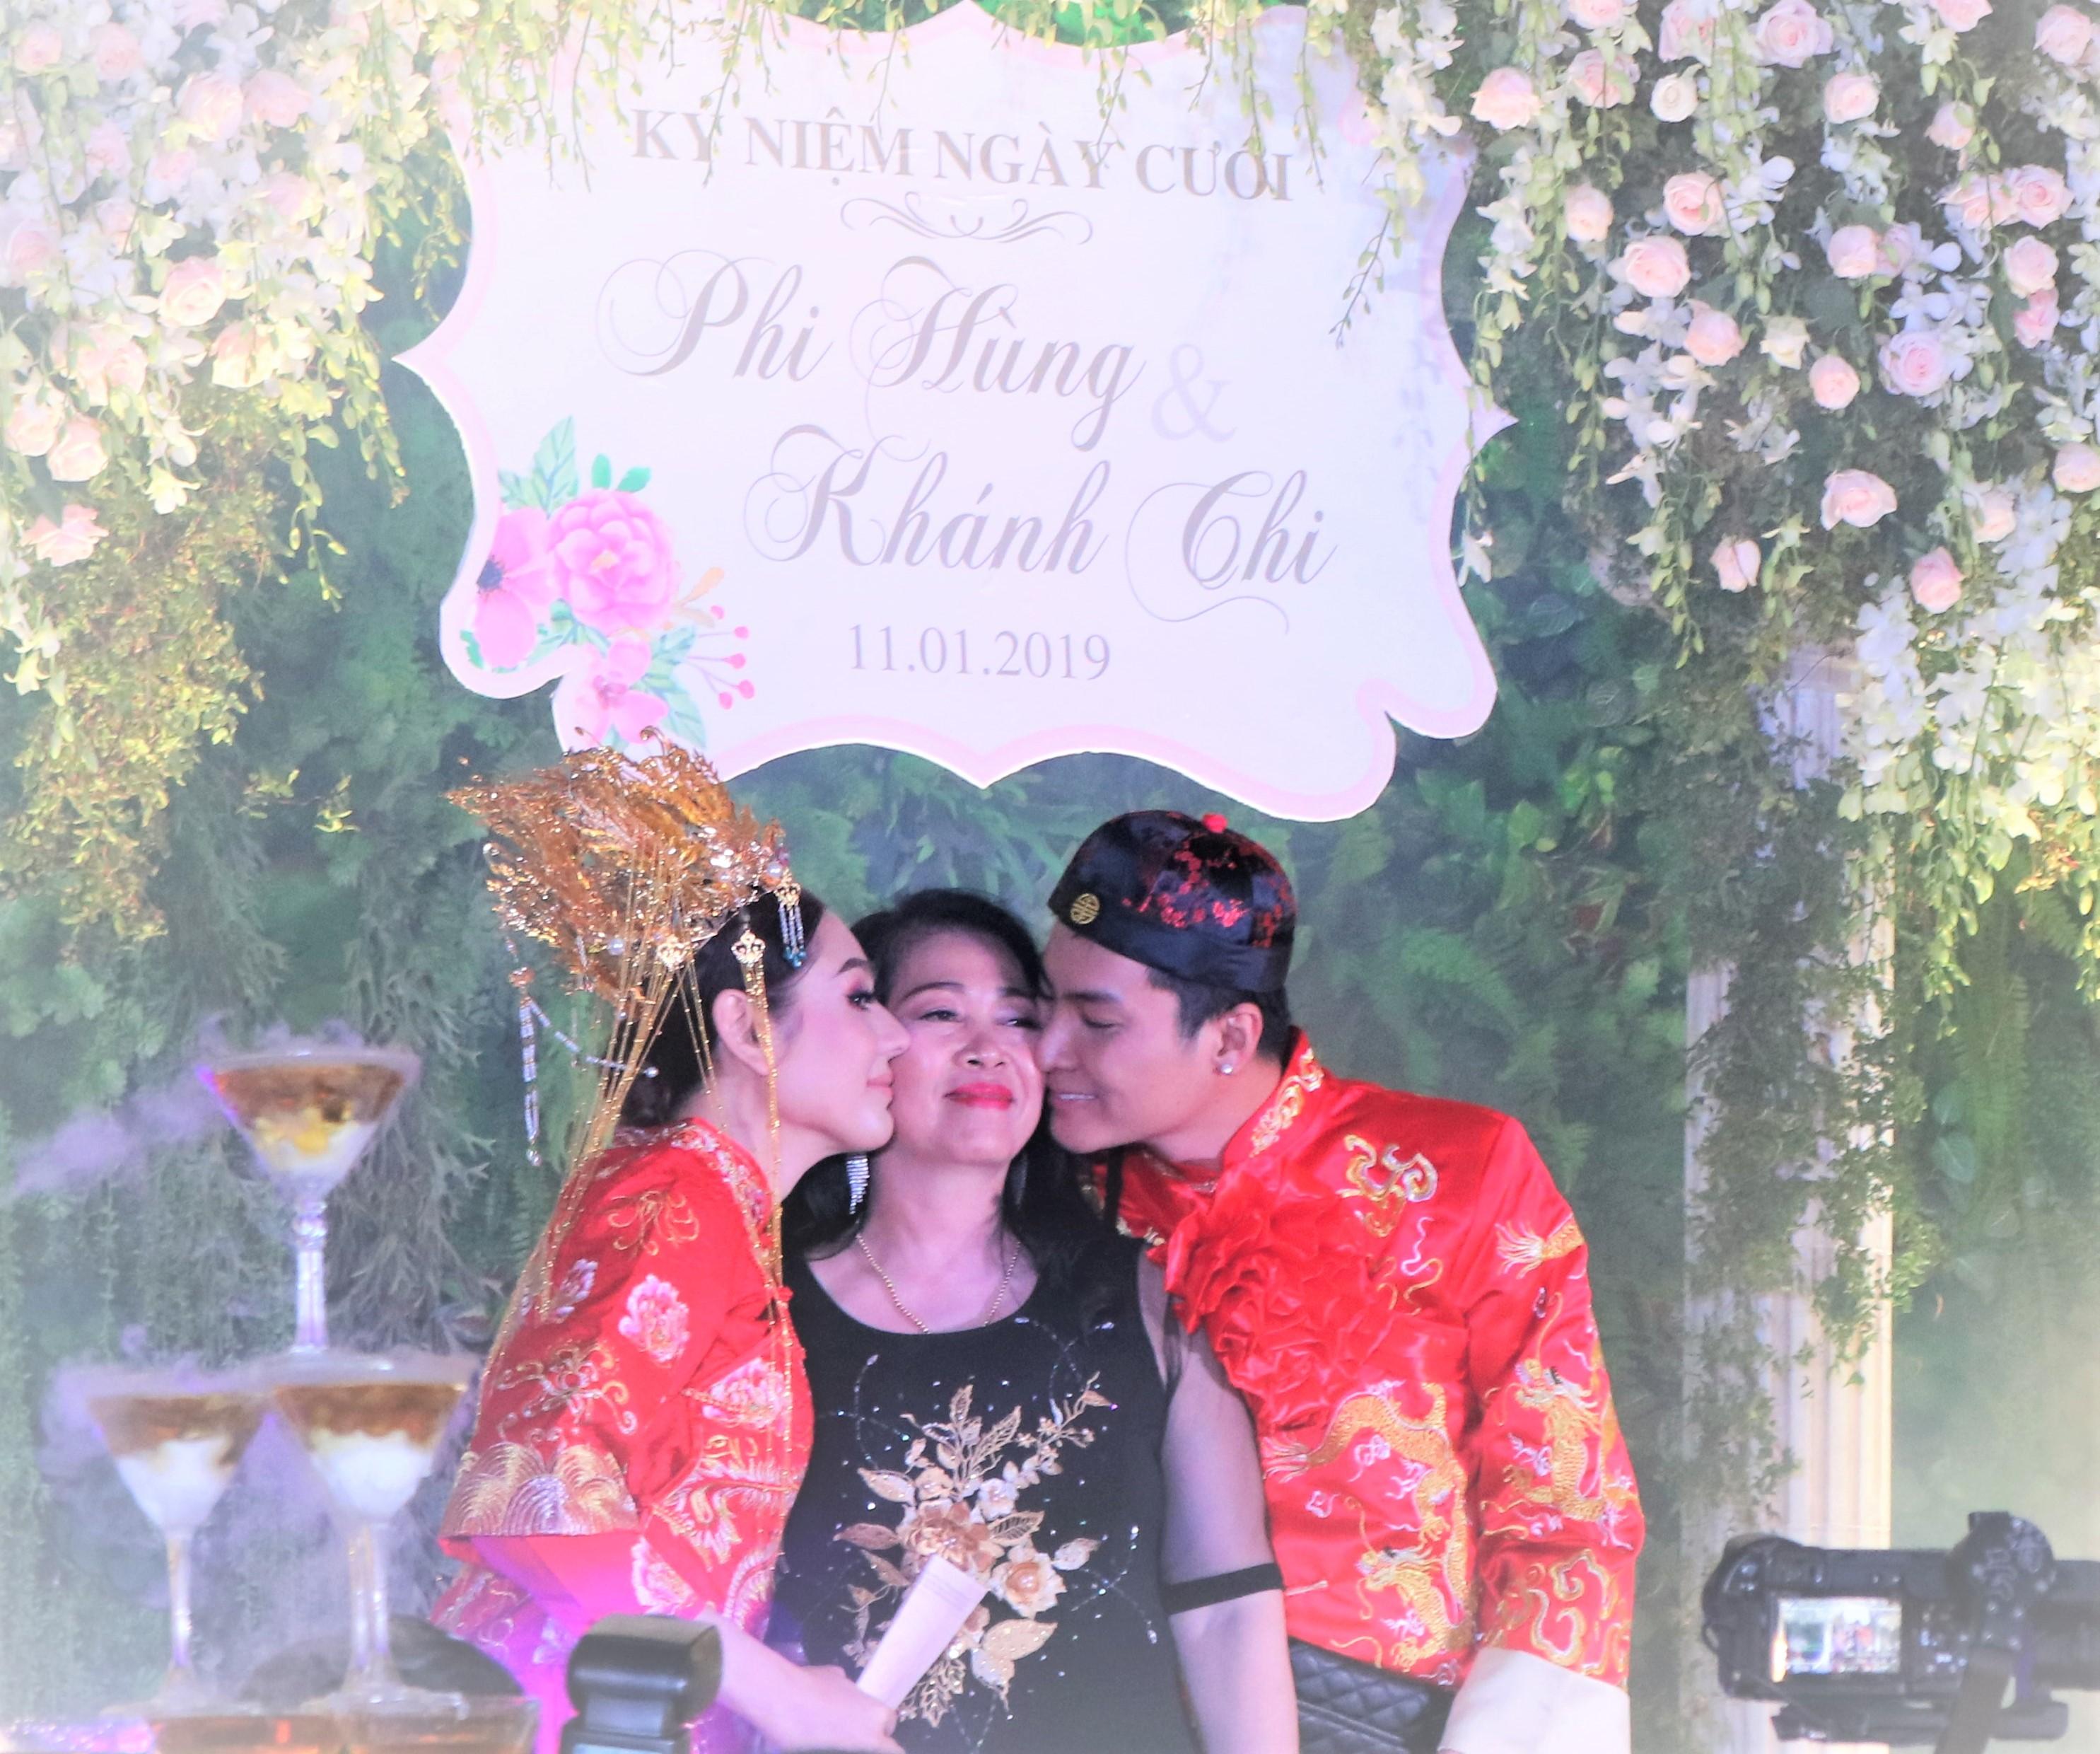 """Mẹ chồng Lâm Khánh Chi tặng quà """"khủng"""" trong lễ kỉ niệm 1 năm ngày cưới của con - 1"""